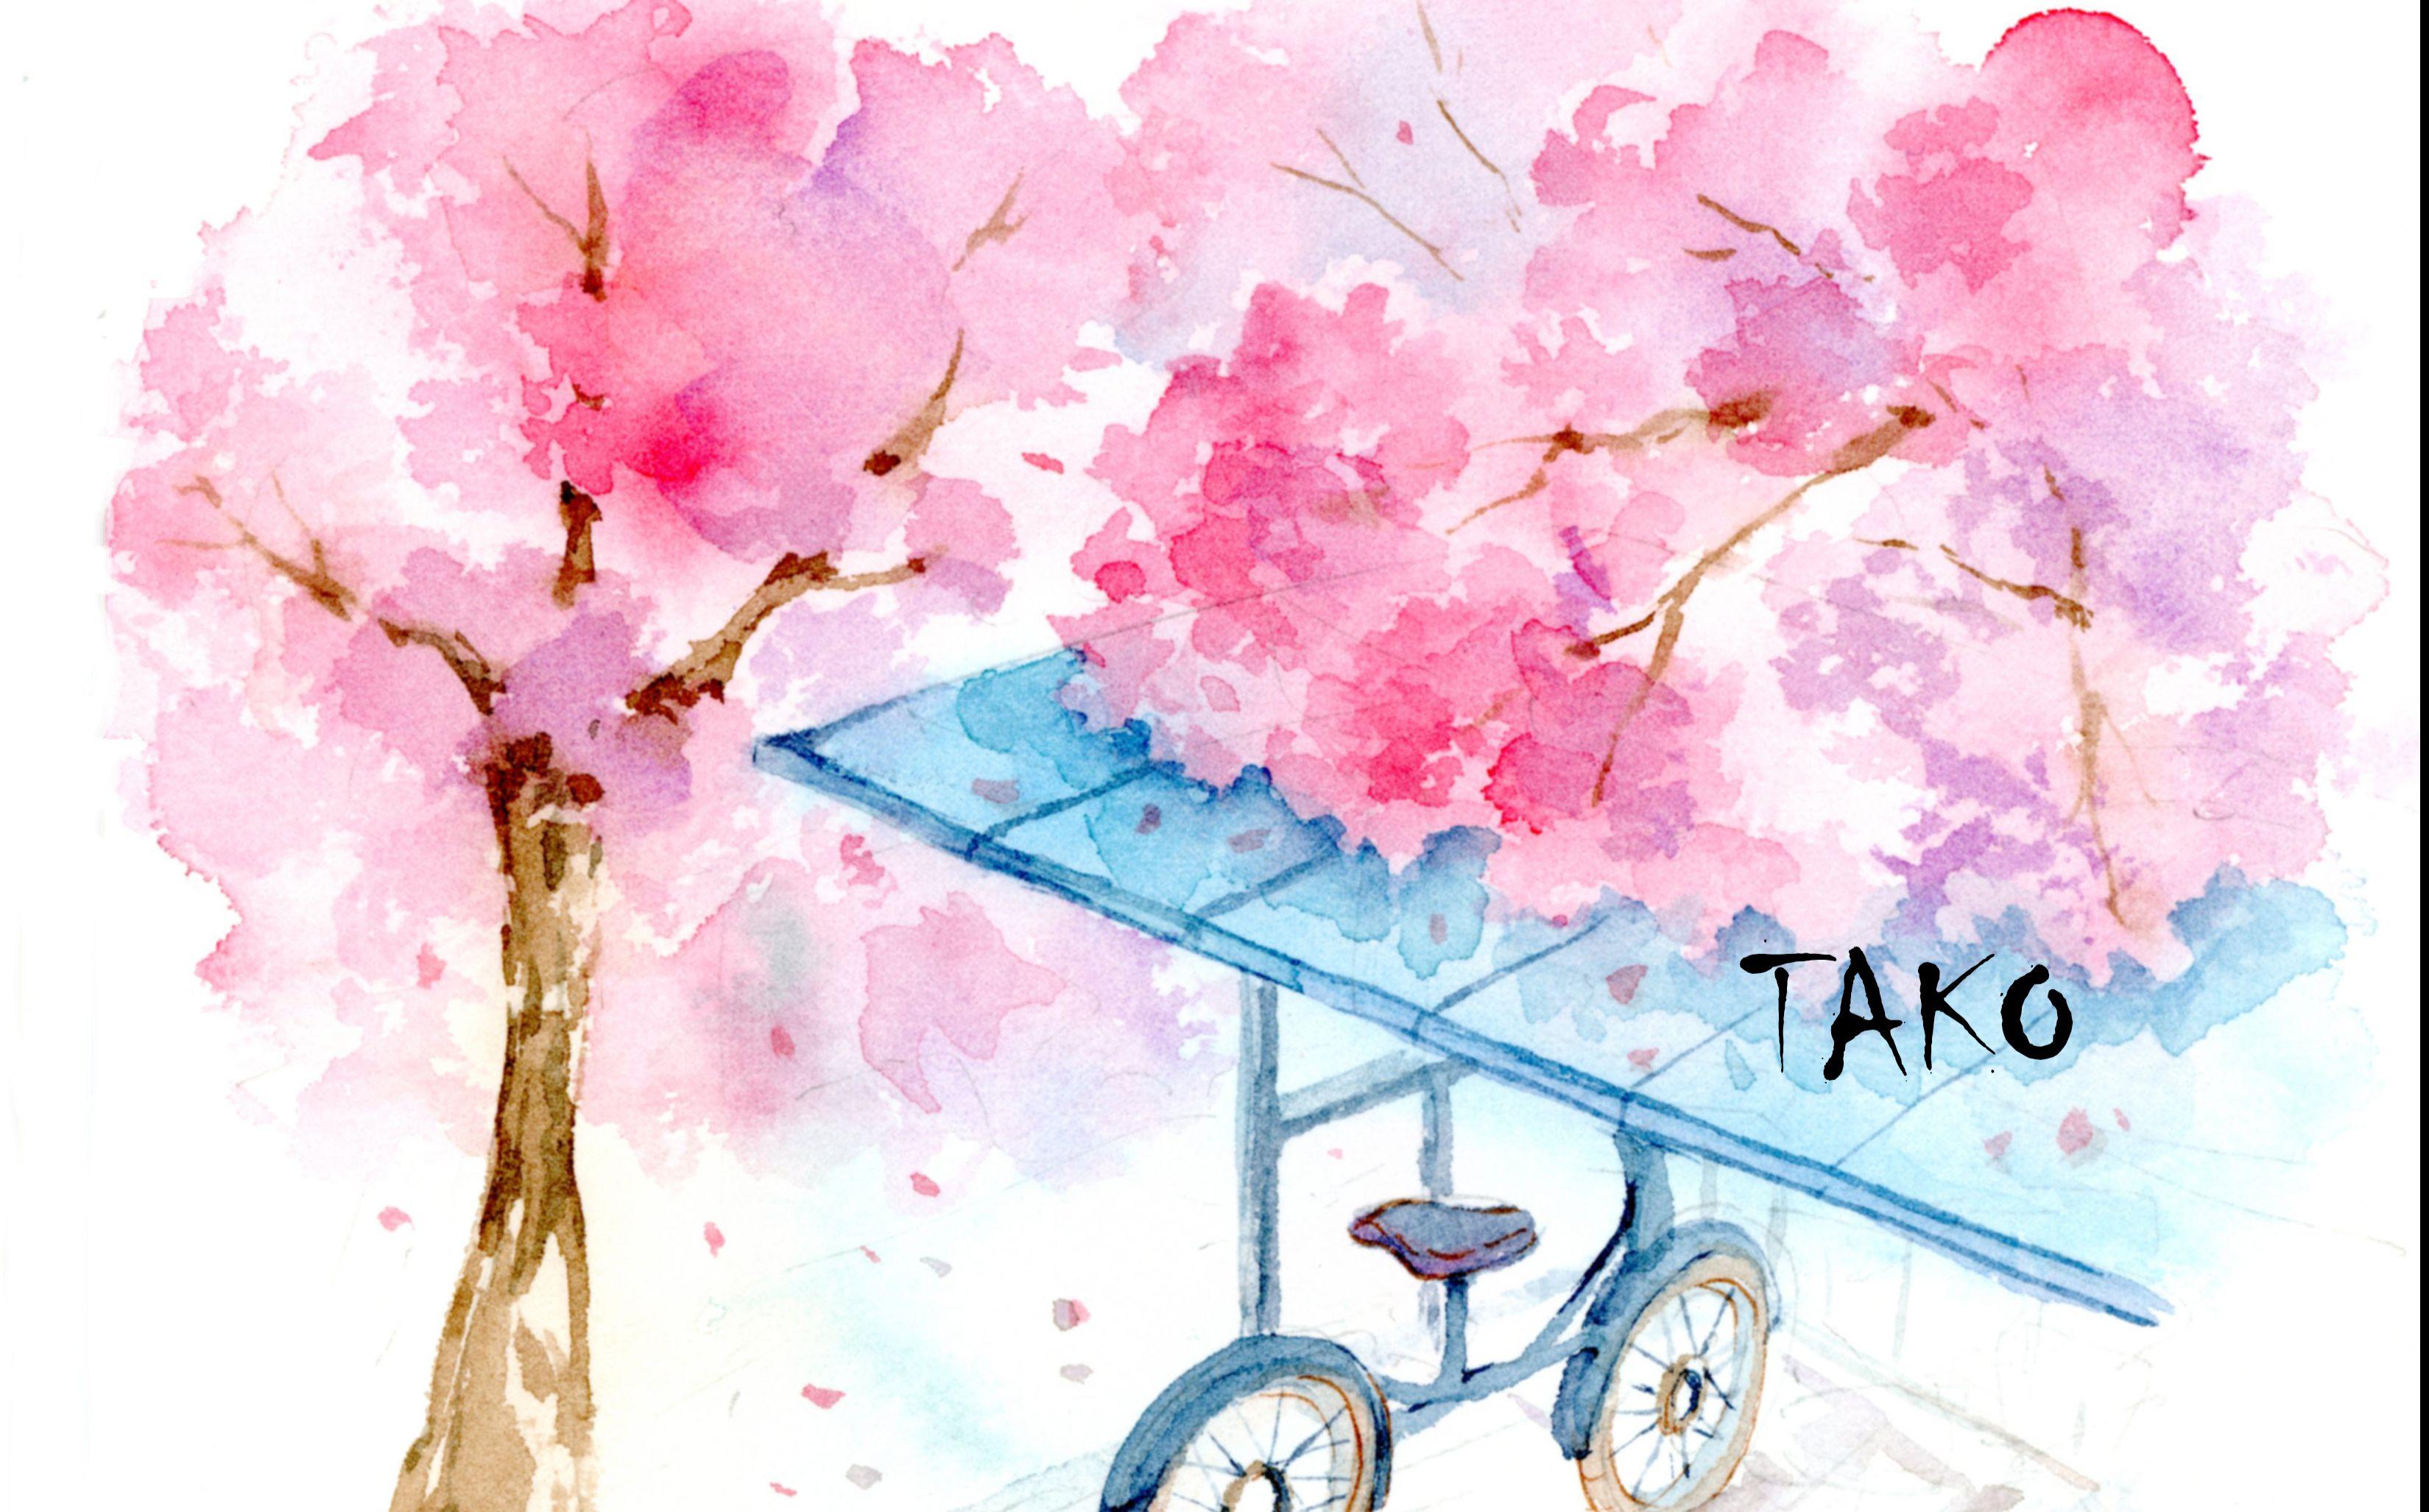 打开 打开 水彩画教程: 樱花树下的告白-小清新颜色调色推荐 打开